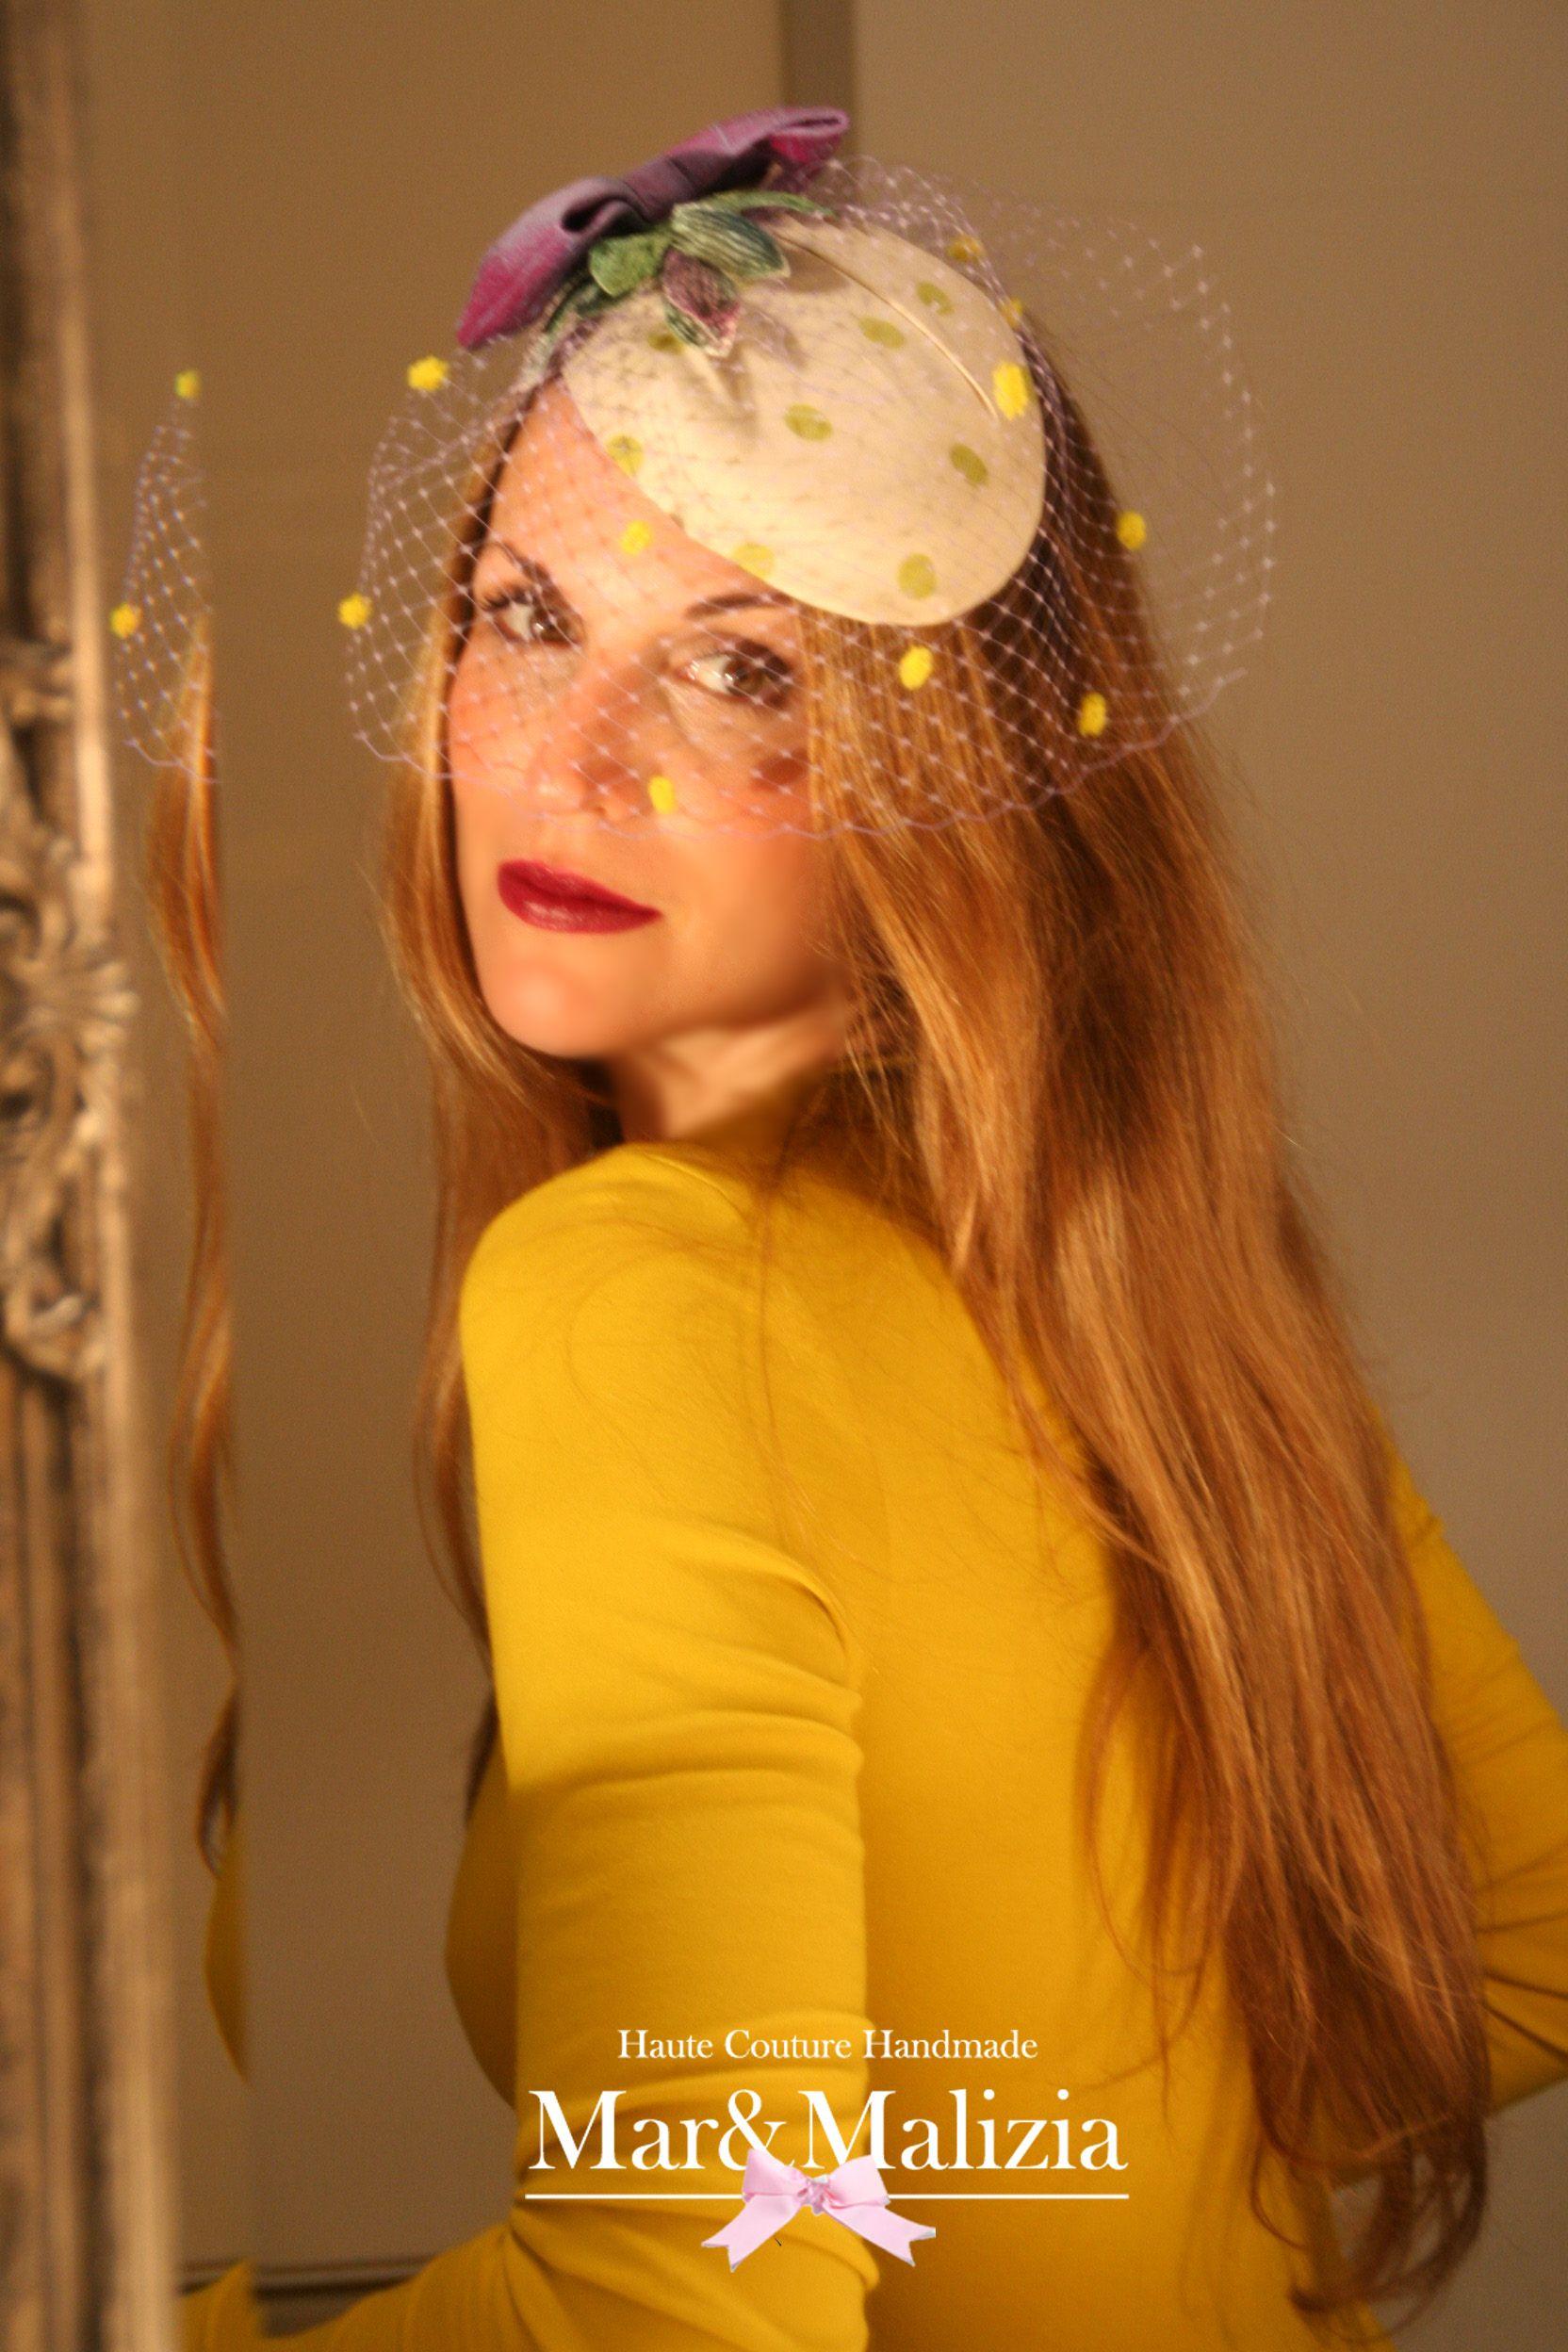 Tocado Betty compra online en tocadosmarymlizia@gmail.com  o https://www.facebook.com/pages/MarMalizia-Tocadas-con-Estilo/124274953466